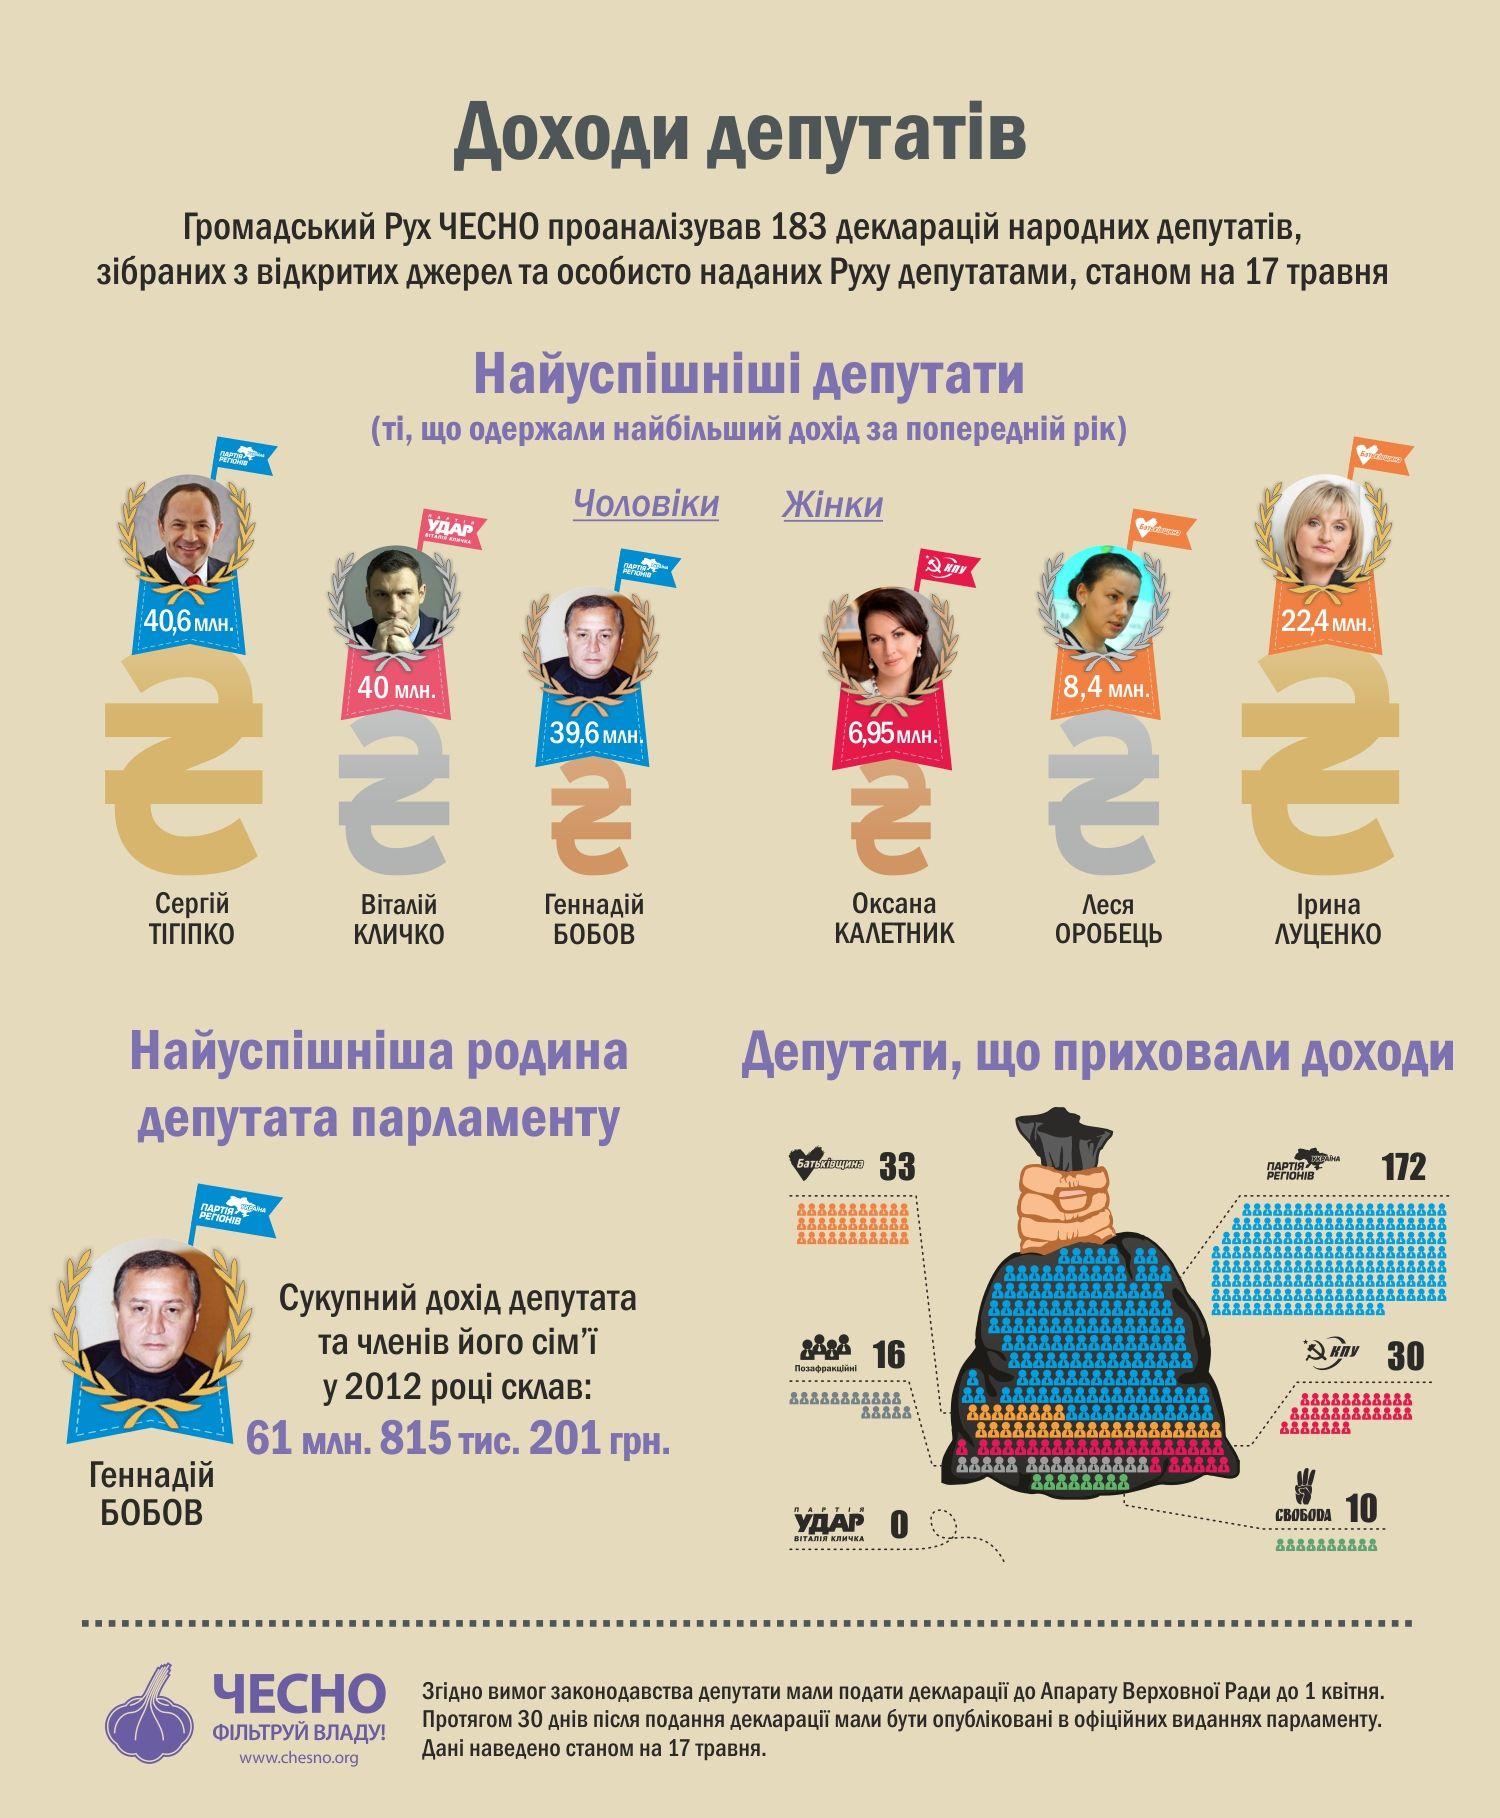 183 депутата Рады показали декларации: в списке - 44 миллионера